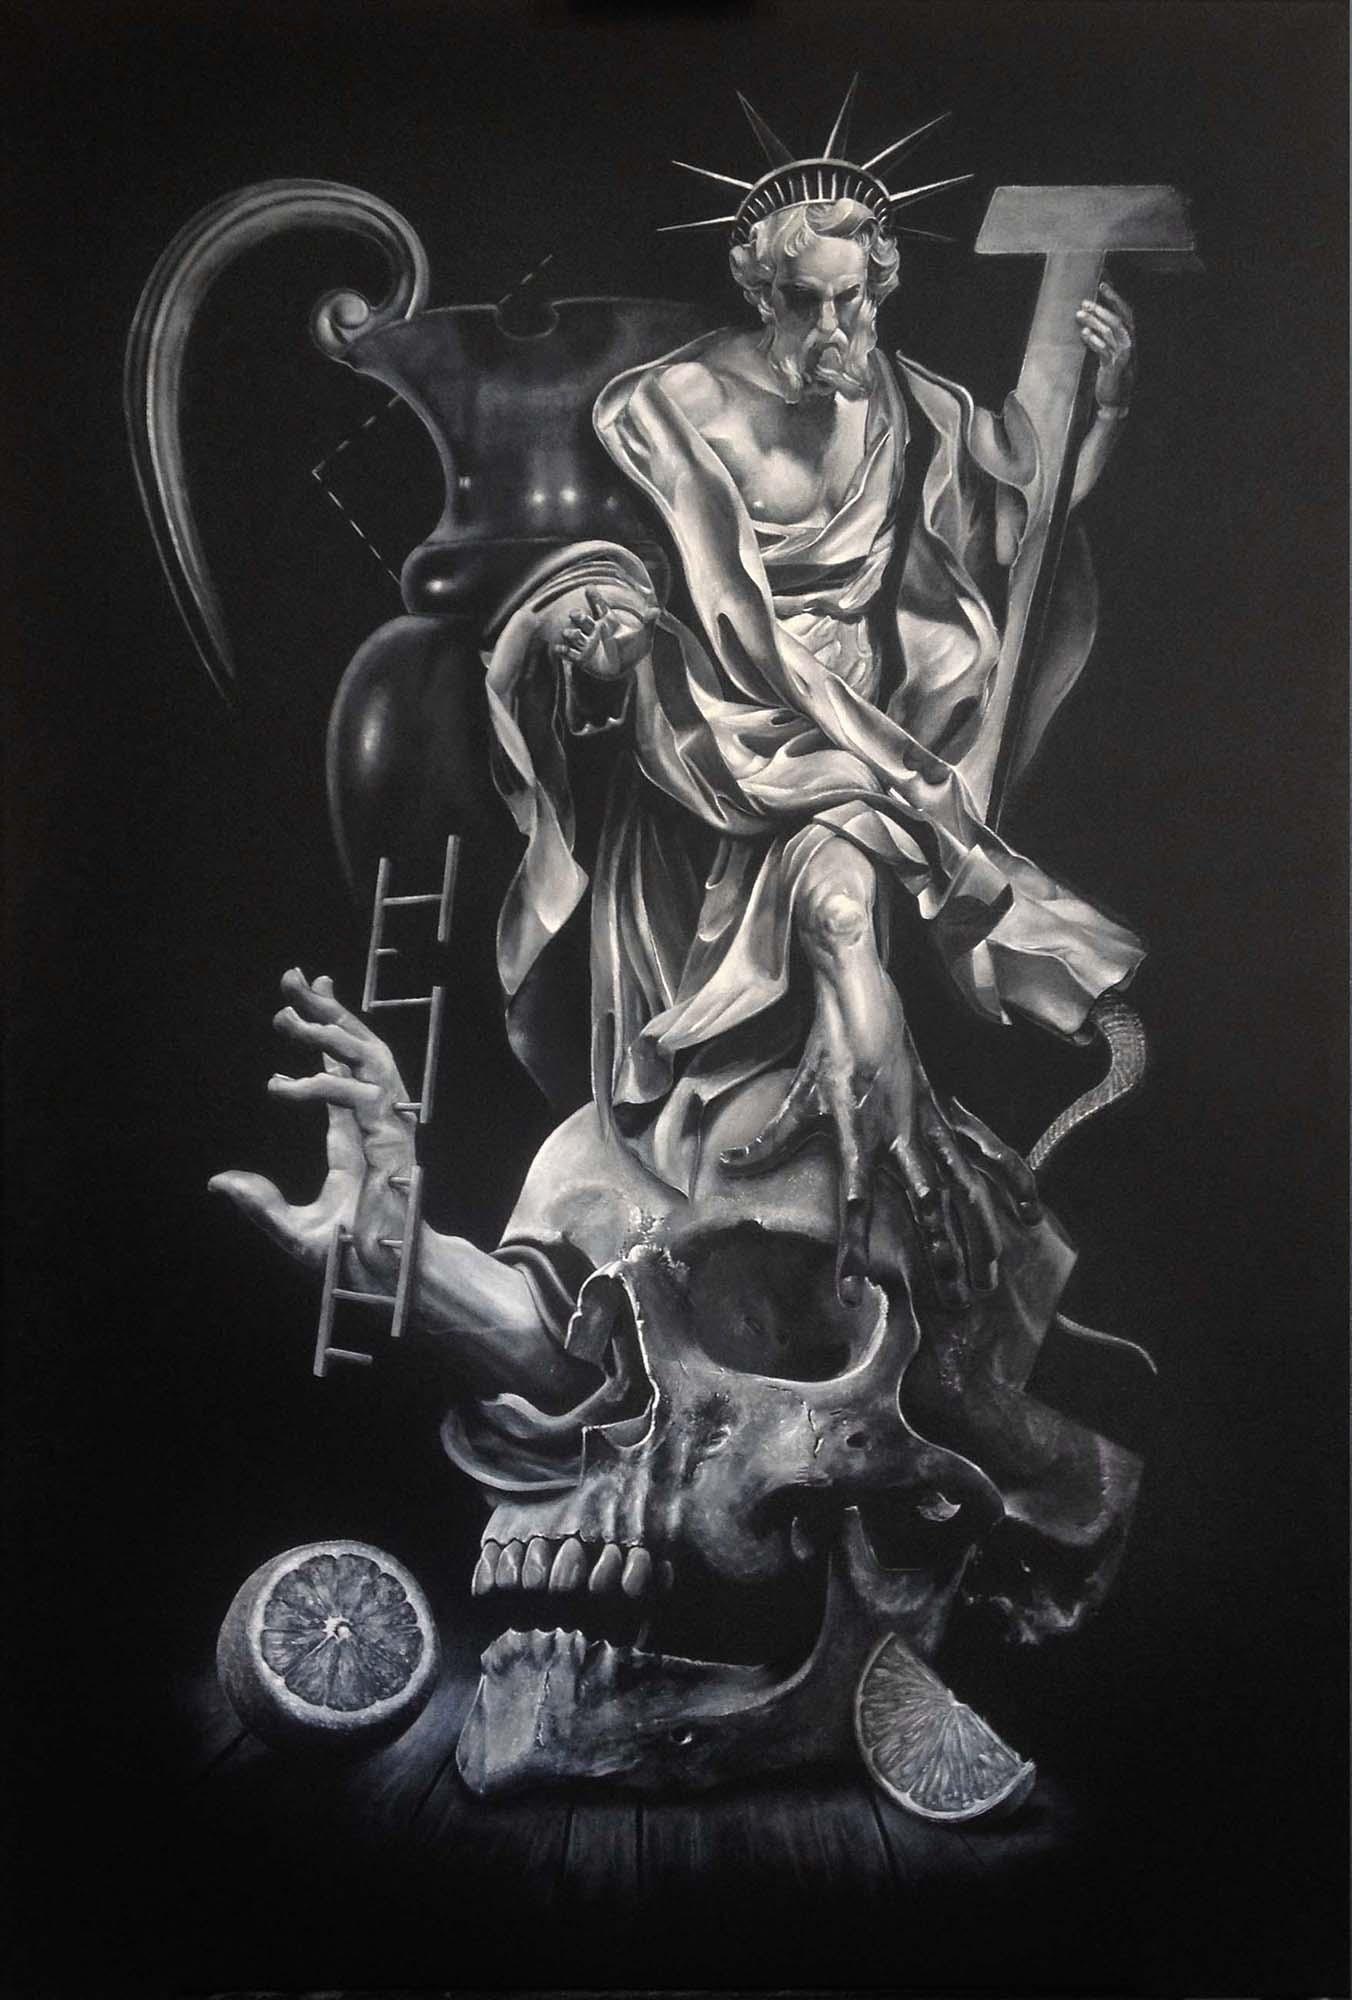 https://www.propaganza.be/wp-content/uploads/2019/04/Piet-rodriguez-portrait-surrealisme-surrealistic-propaganza-peintre-paint-canvas-street-art-spray-paint-belgique-bruxelles-brussels-1.jpg